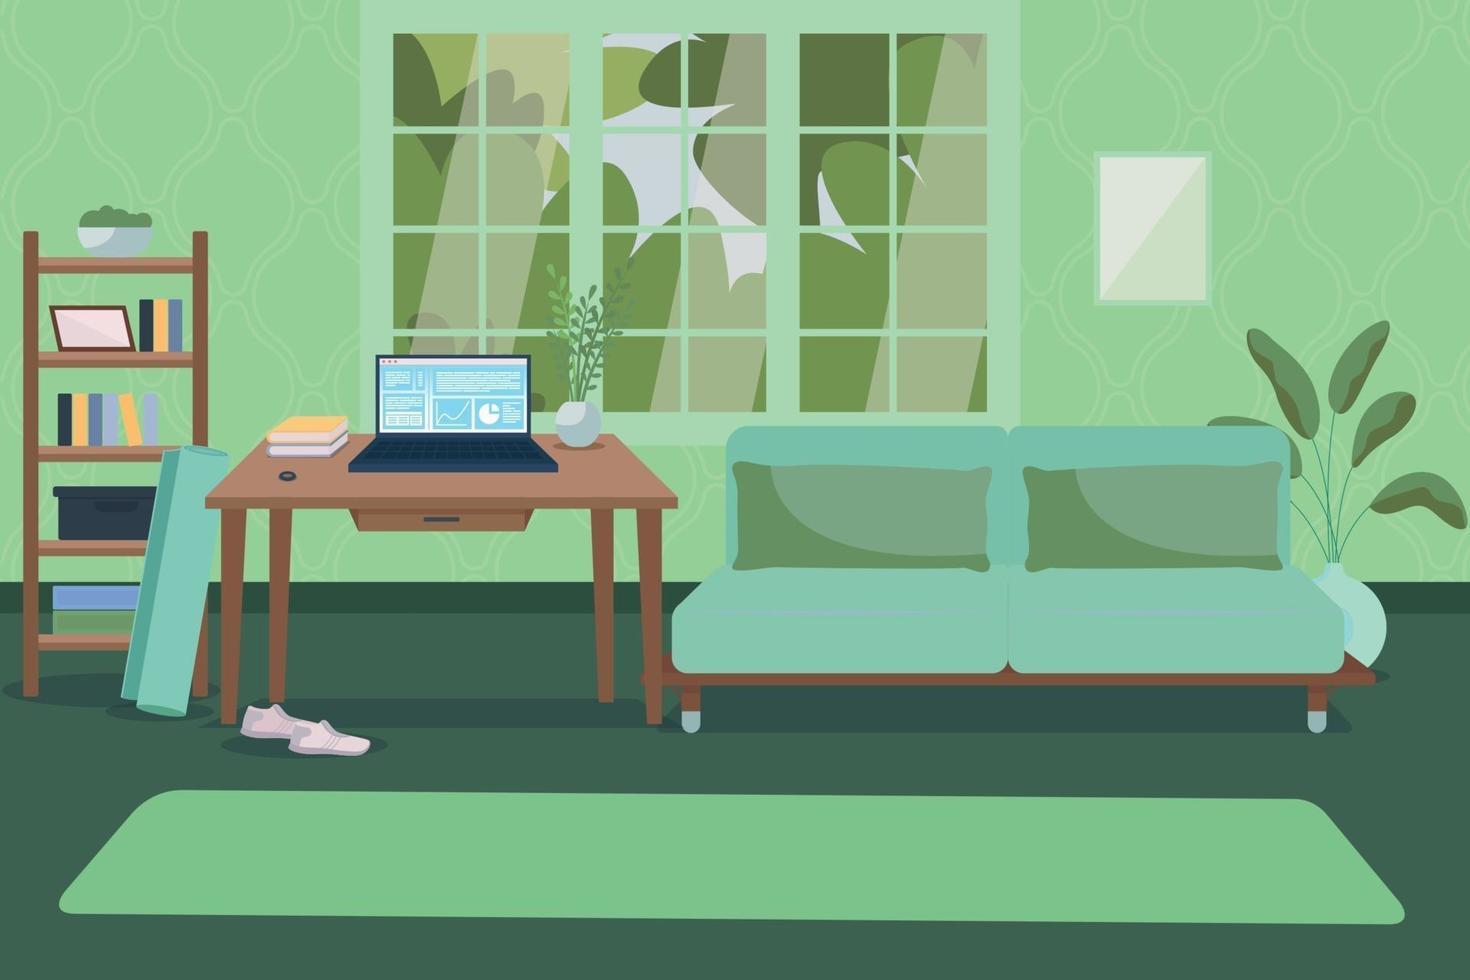 kantoor aan huis met fitnessapparatuur egale kleur vectorillustratie vector